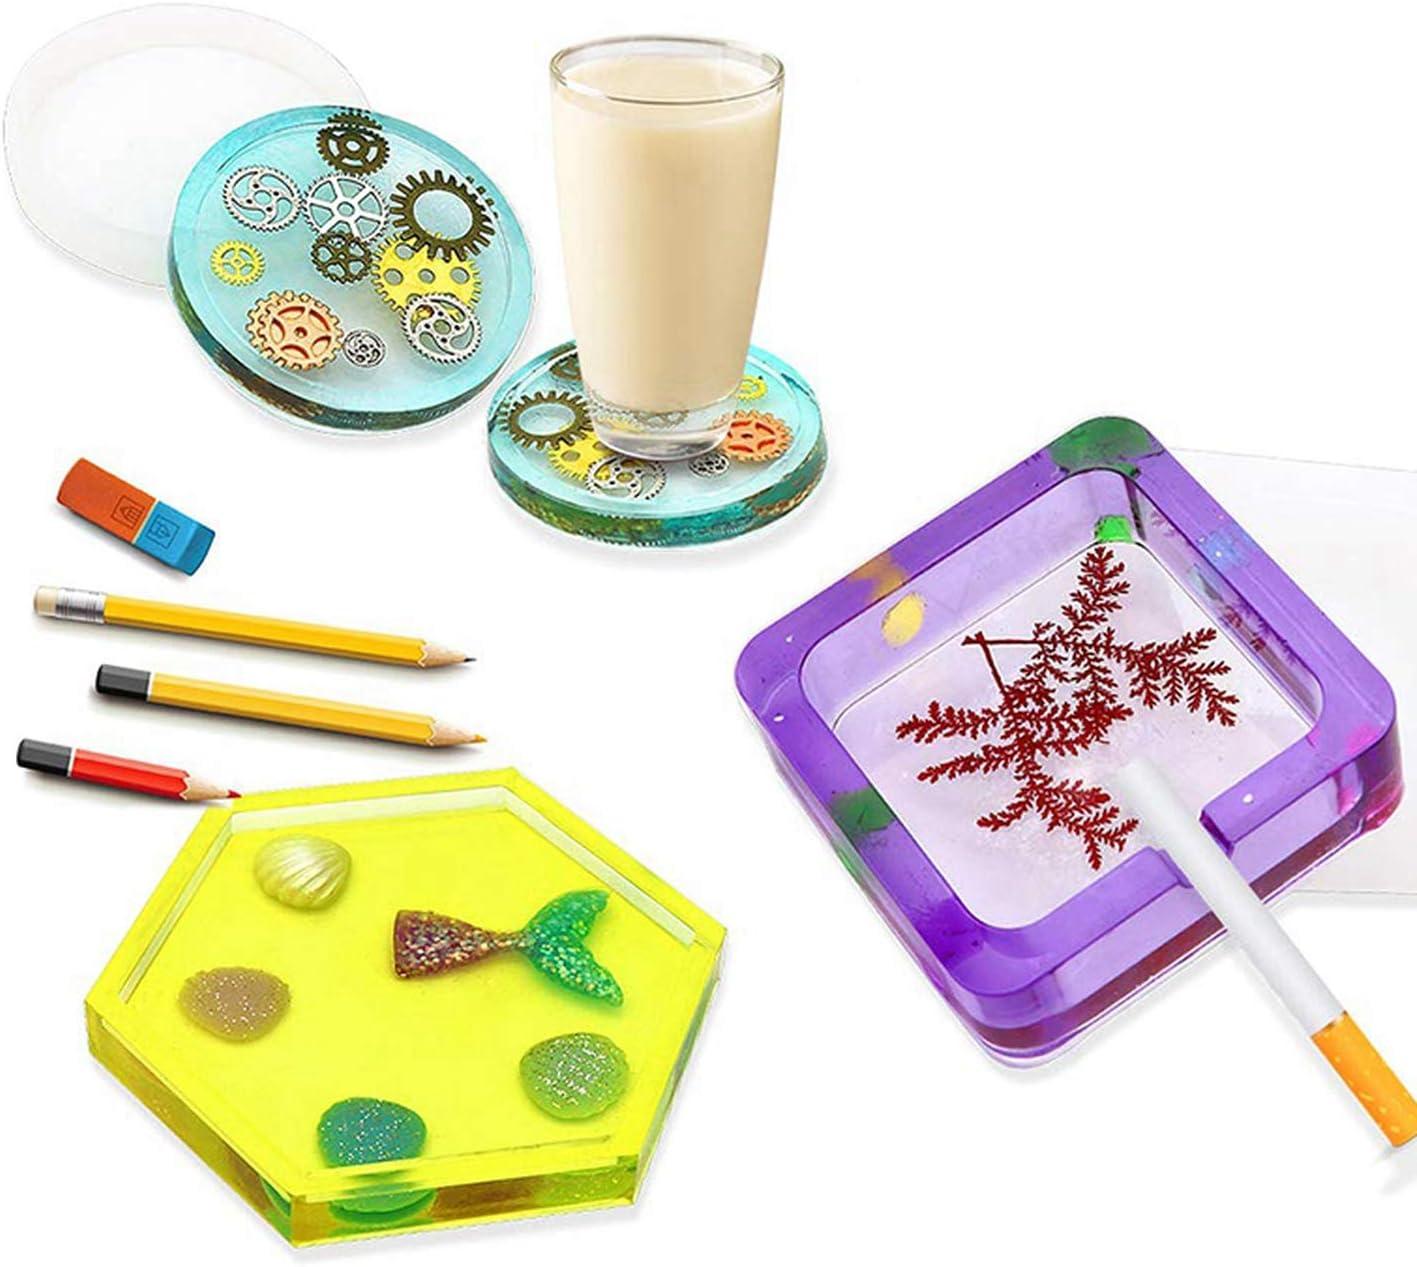 Moules en silicone de coupe-savon pour r/ésine moulage de r/ésine /époxy moules dart pour stylo tasse /à bricoler porte-bougie de savon cendrier pot de fleur coaster pendentif C-Clear-,